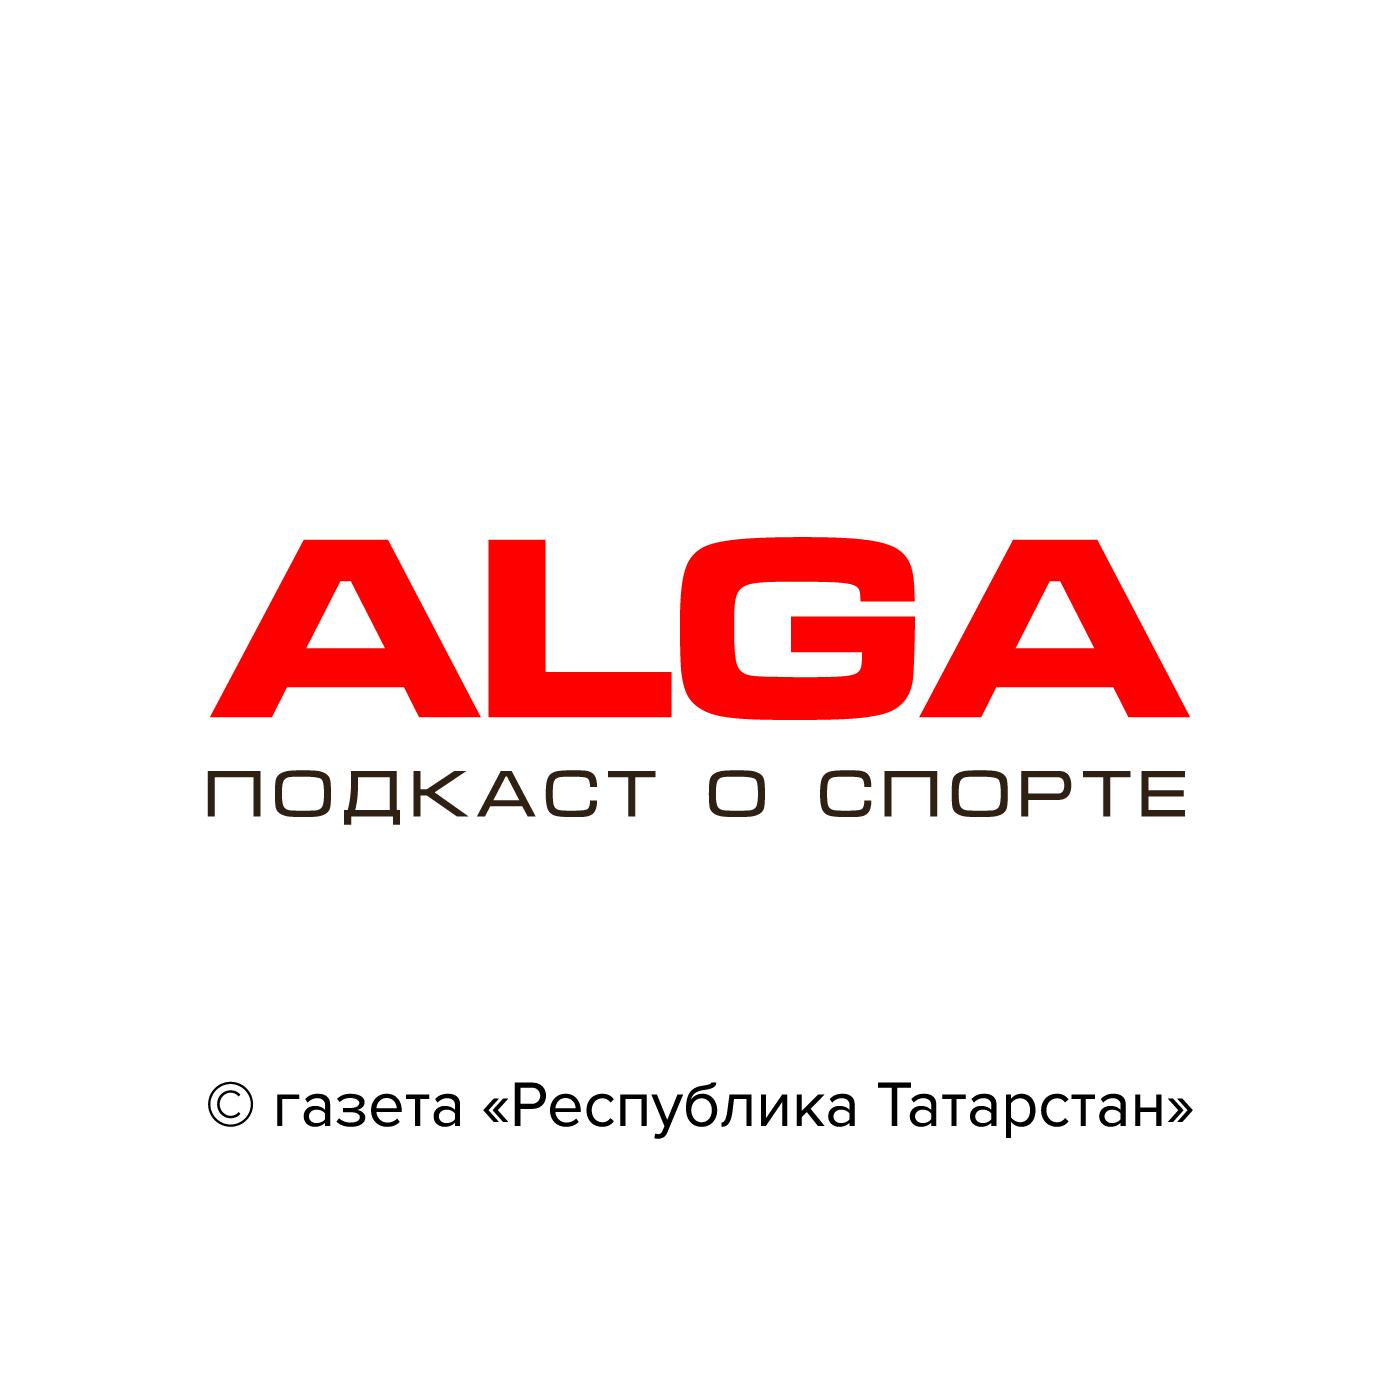 Alga (Алга)